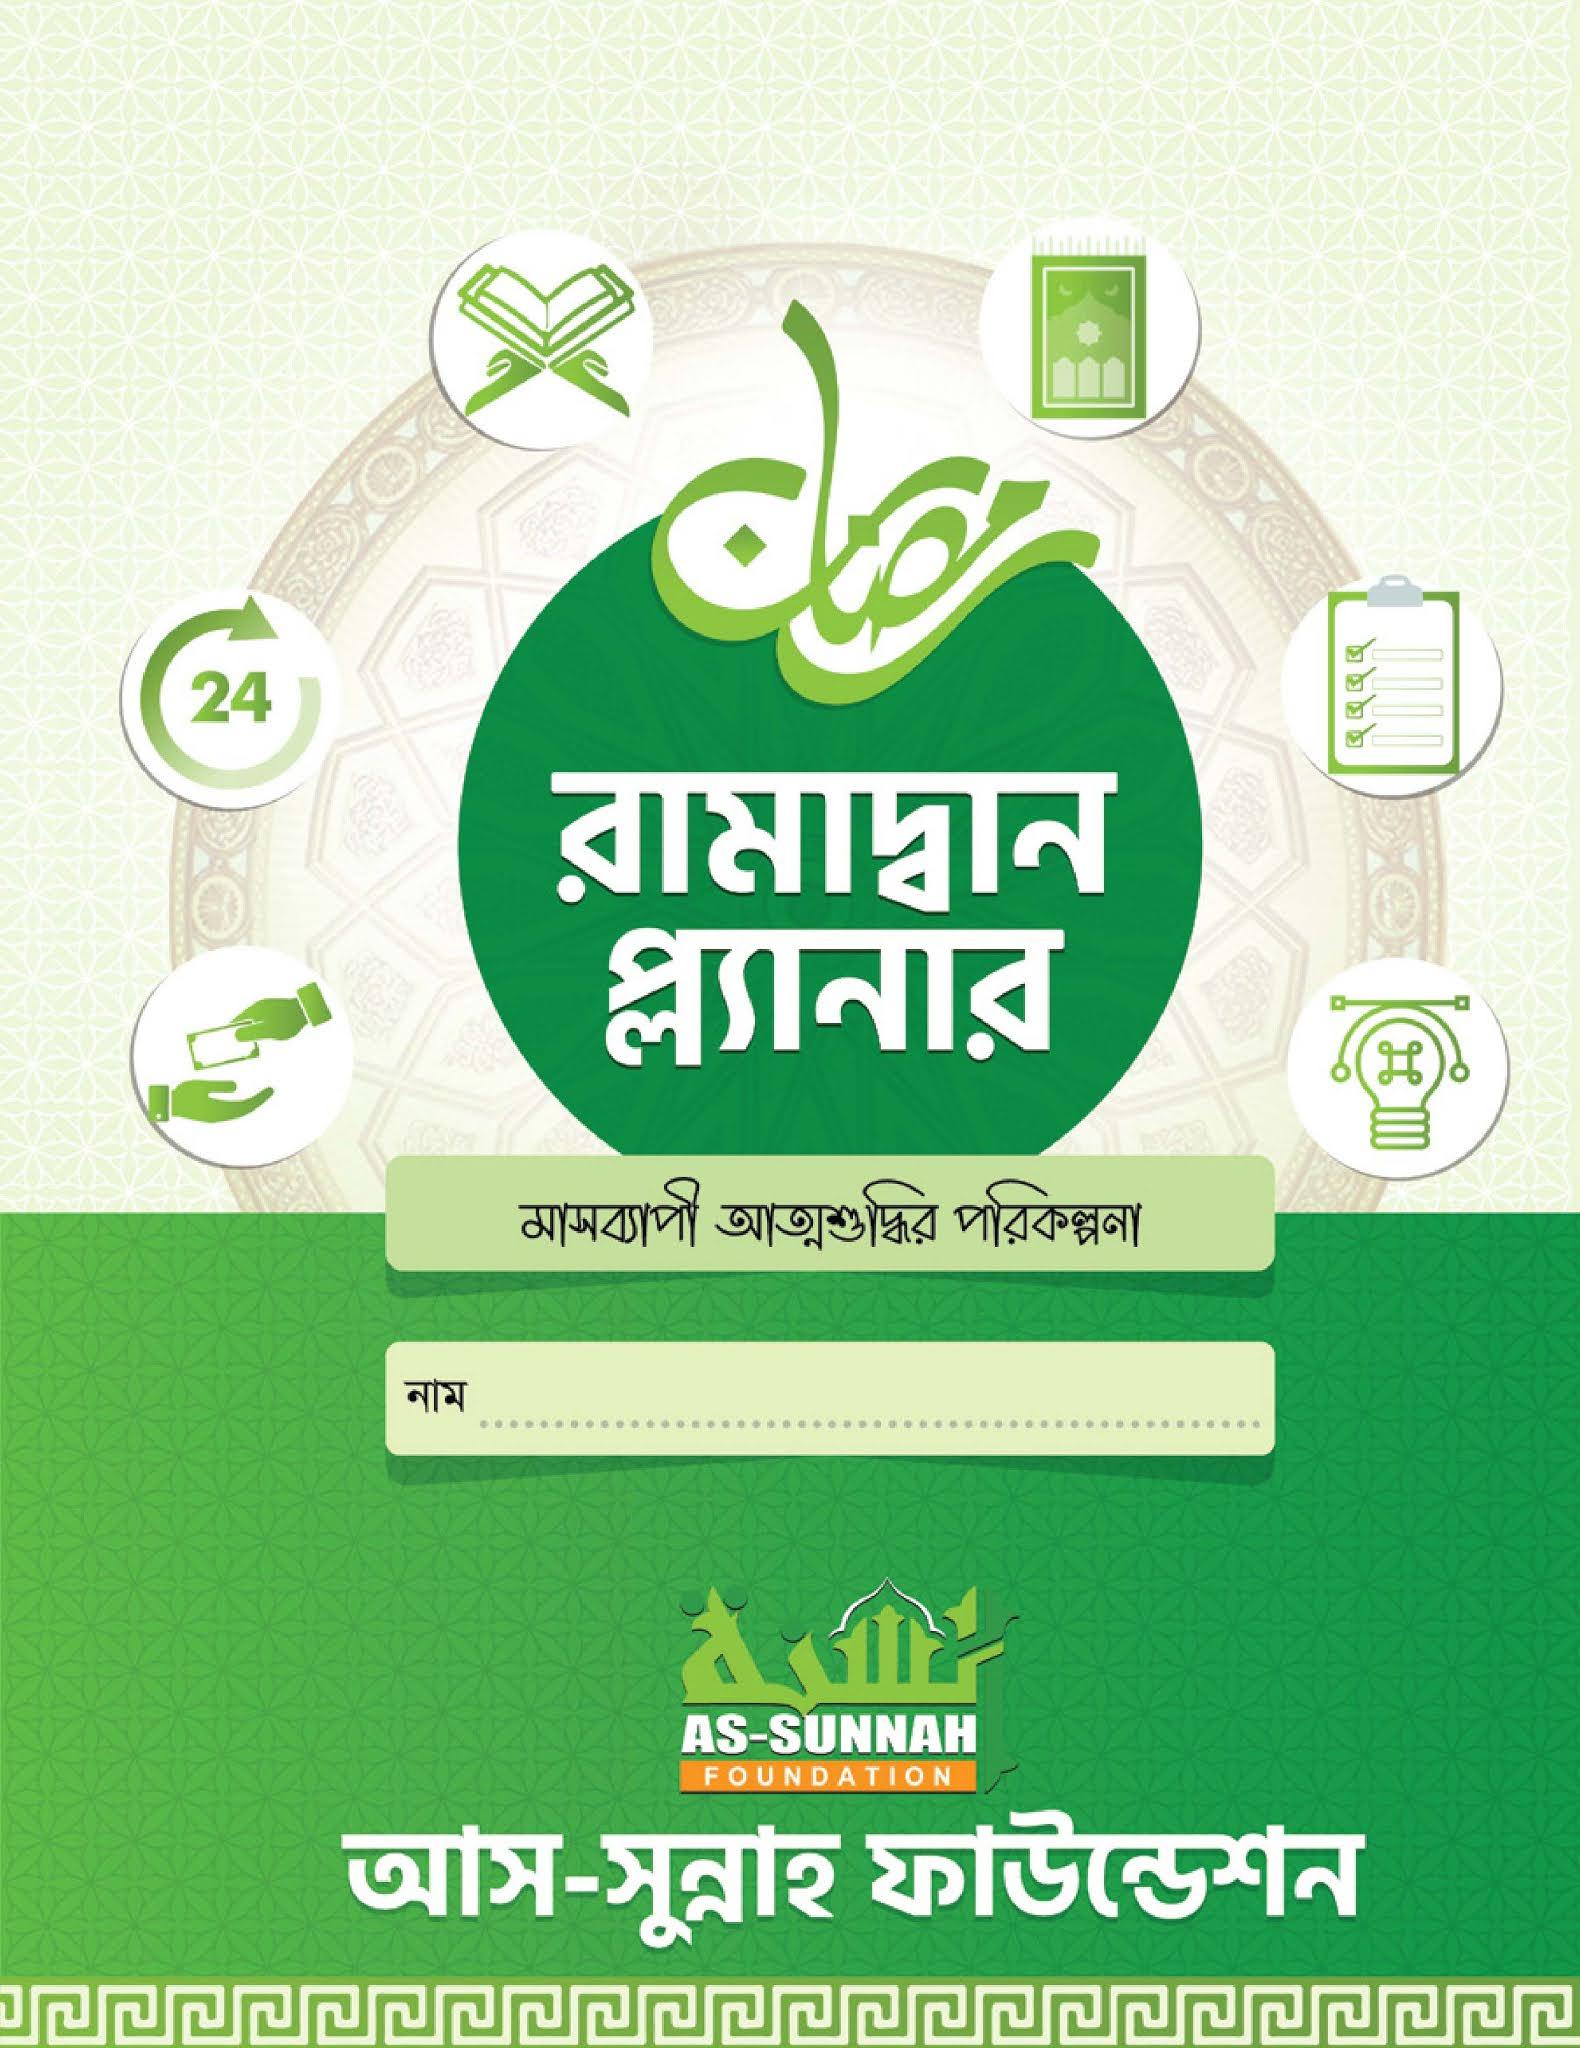 রামাদ্বান প্লানার বই PDF Download   Ramadan Planer Book PDF by Assunnah Foundation   রামাদ্বান প্ল্যানার বই শায়েখ আহমাদুল্লাহ PDF